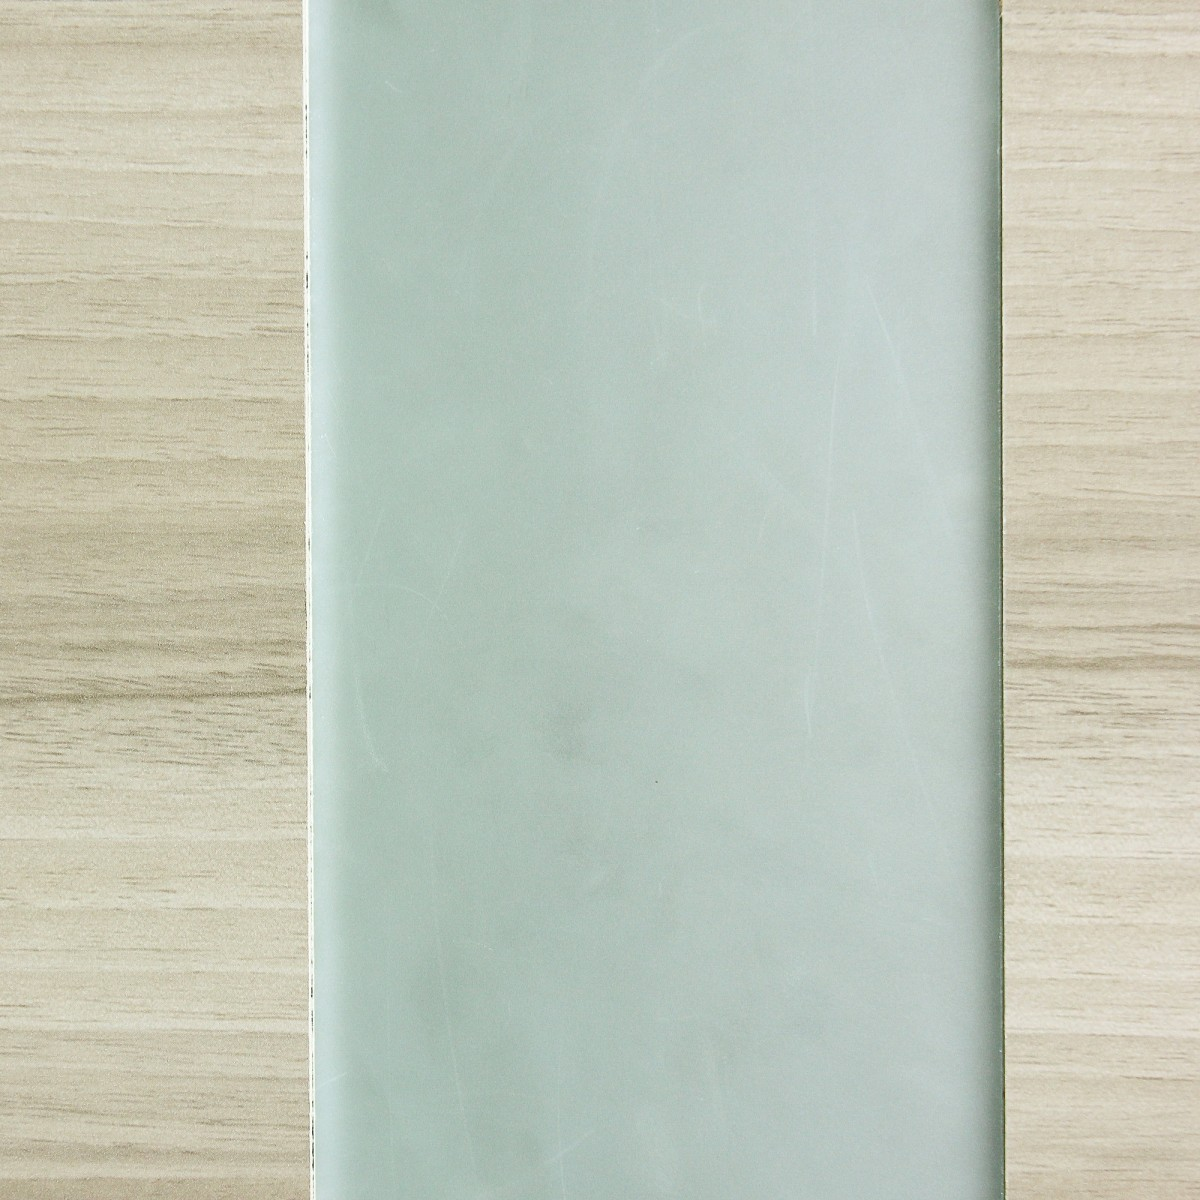 Дверь Межкомнатная Остеклённая Ламинированная Унико 80x200 Цвет Светлый Орех